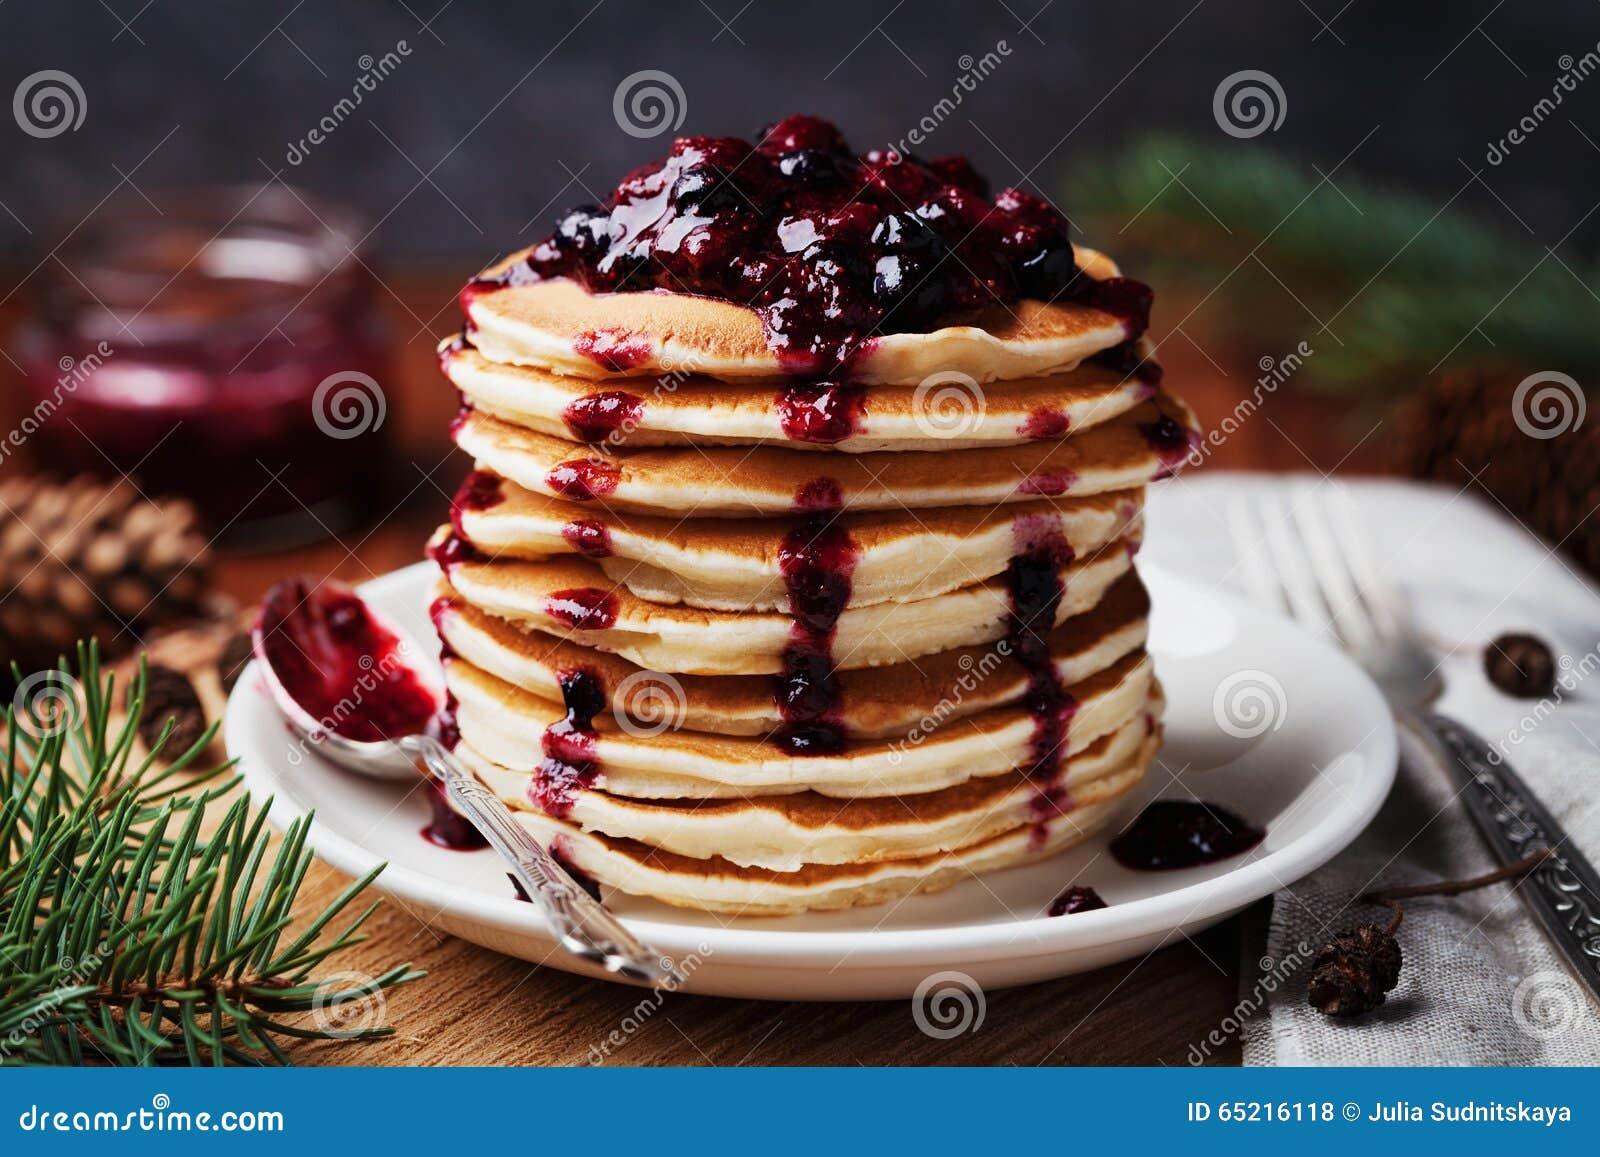 De Amerikaanse pannekoeken of fritters dienden met aardbei en bosbessenjam, heerlijk dessert voor ontbijt in de winter